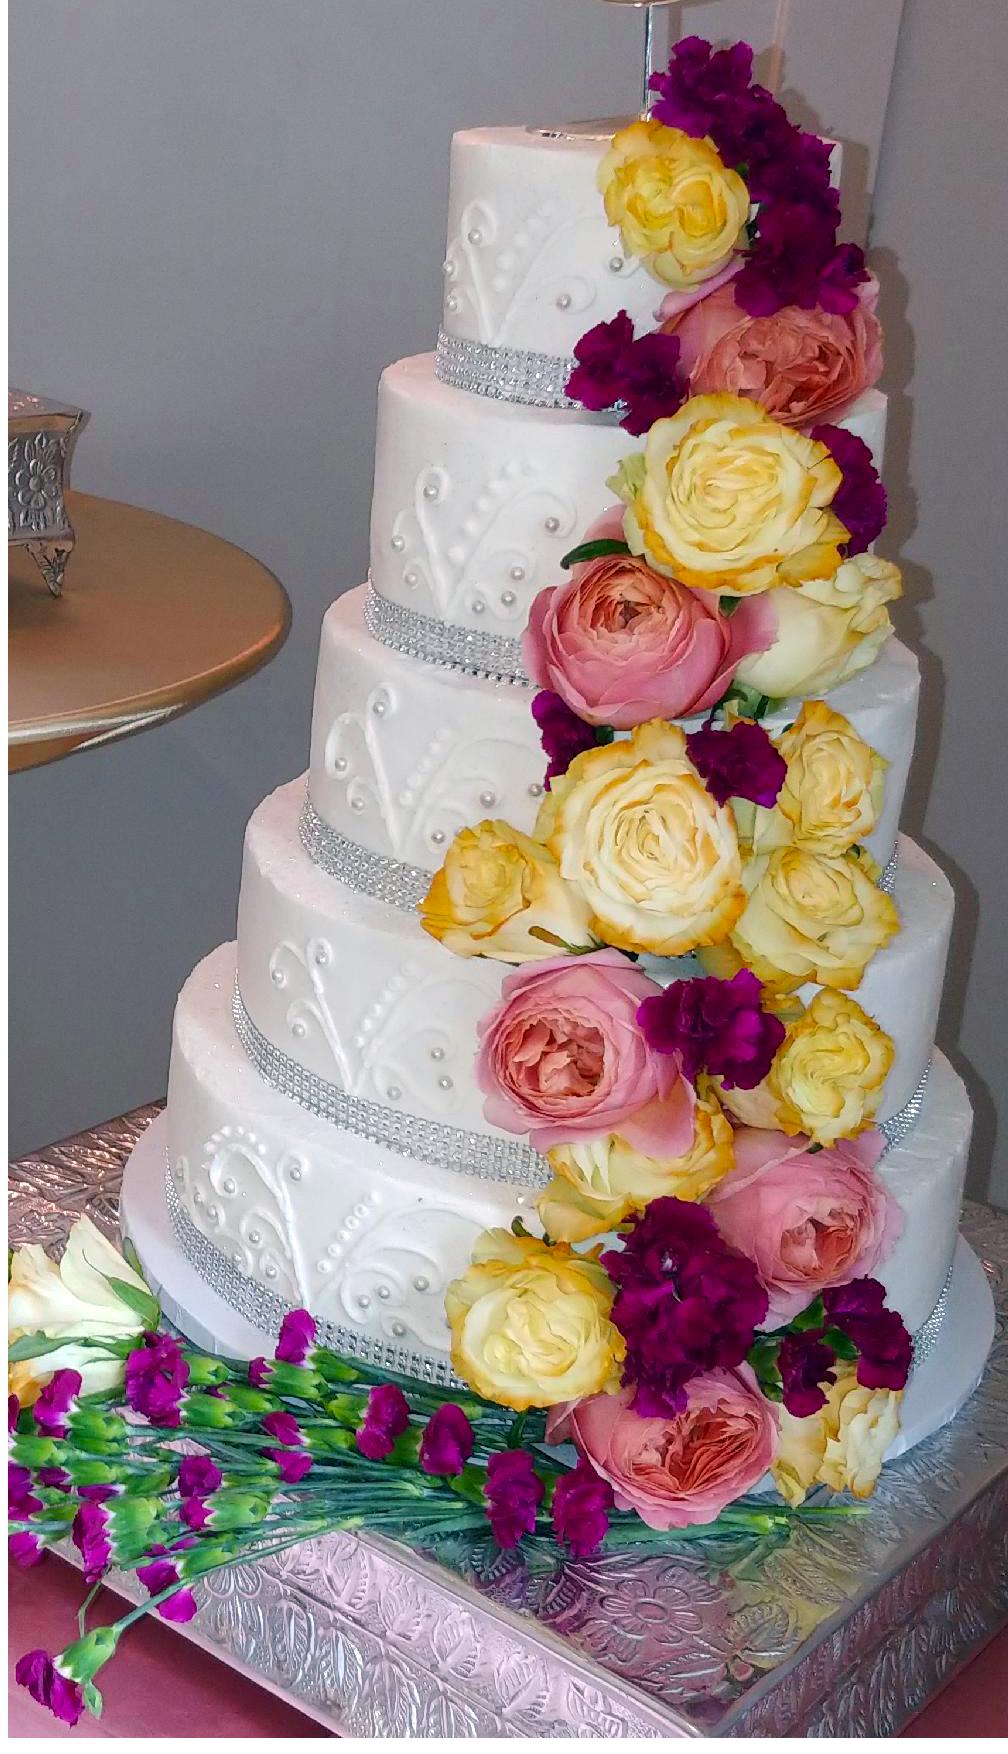 tif cake 8 cropped.jpg